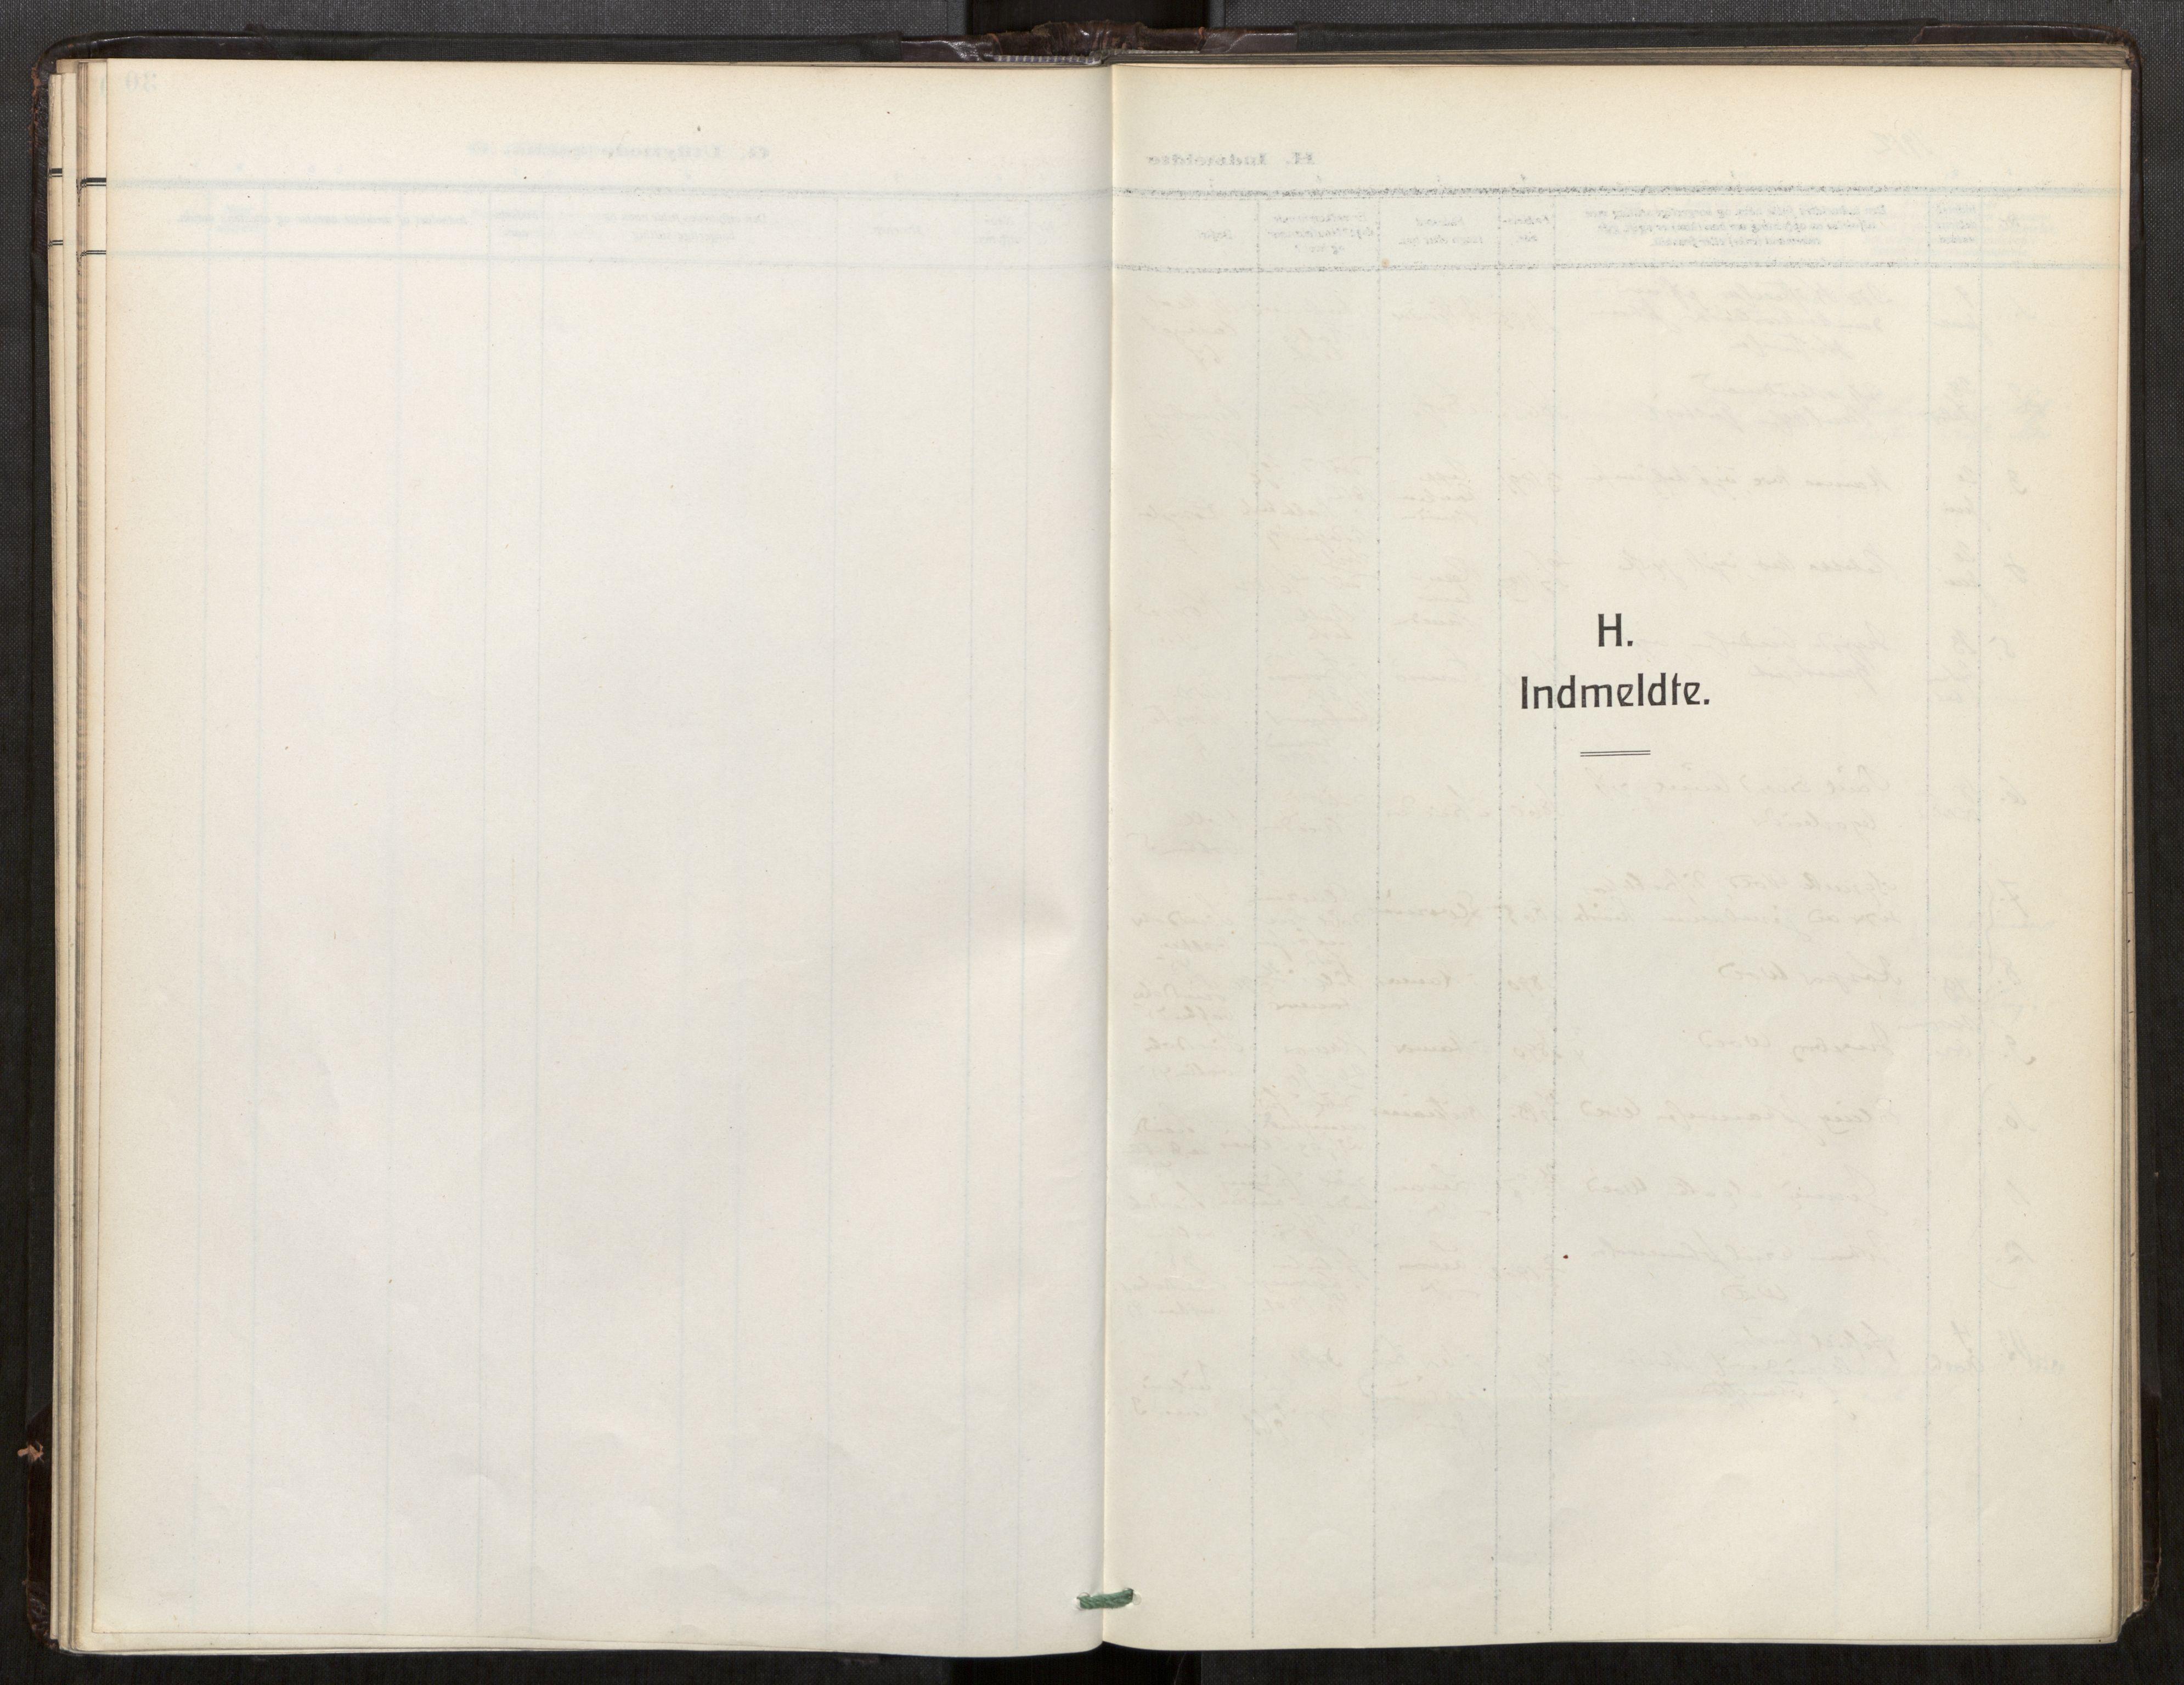 SAT, Bakklandet sokneprestkontor, Parish register (official) no. 604A32, 1912-1919